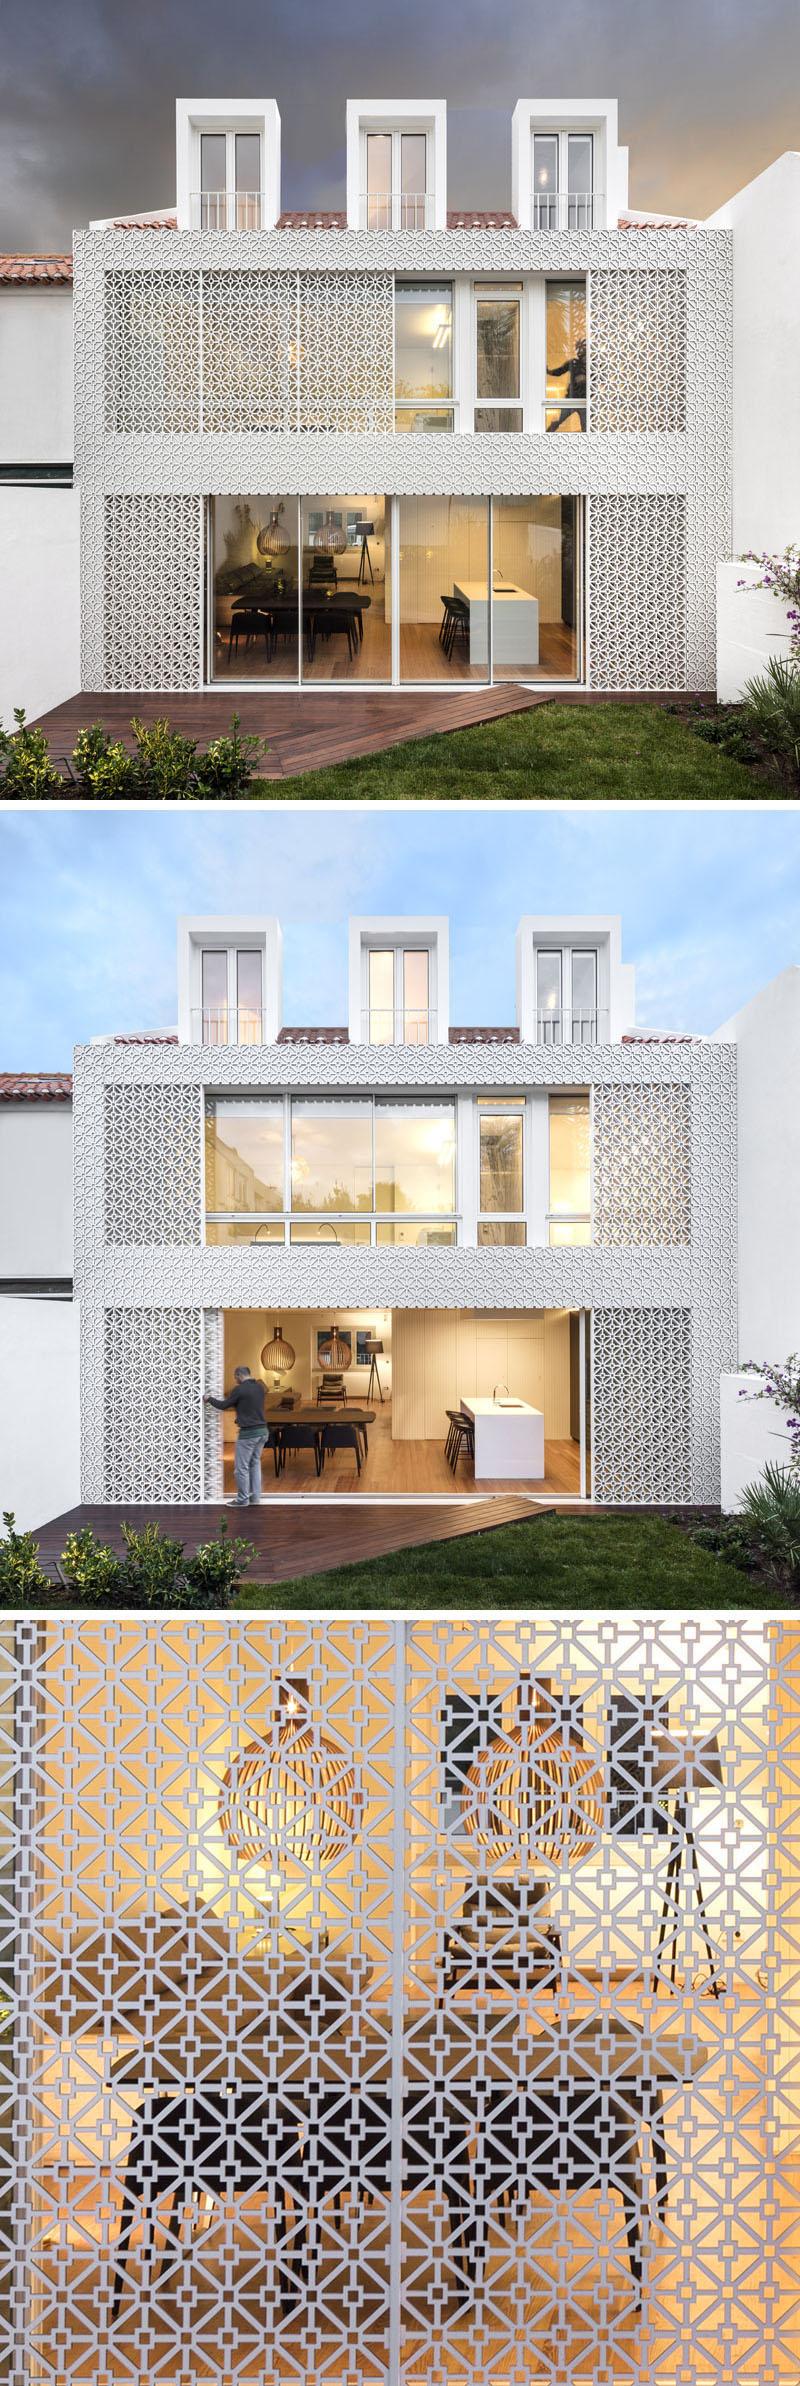 3-edificios-com-fachadas-incriveis-e-criativas